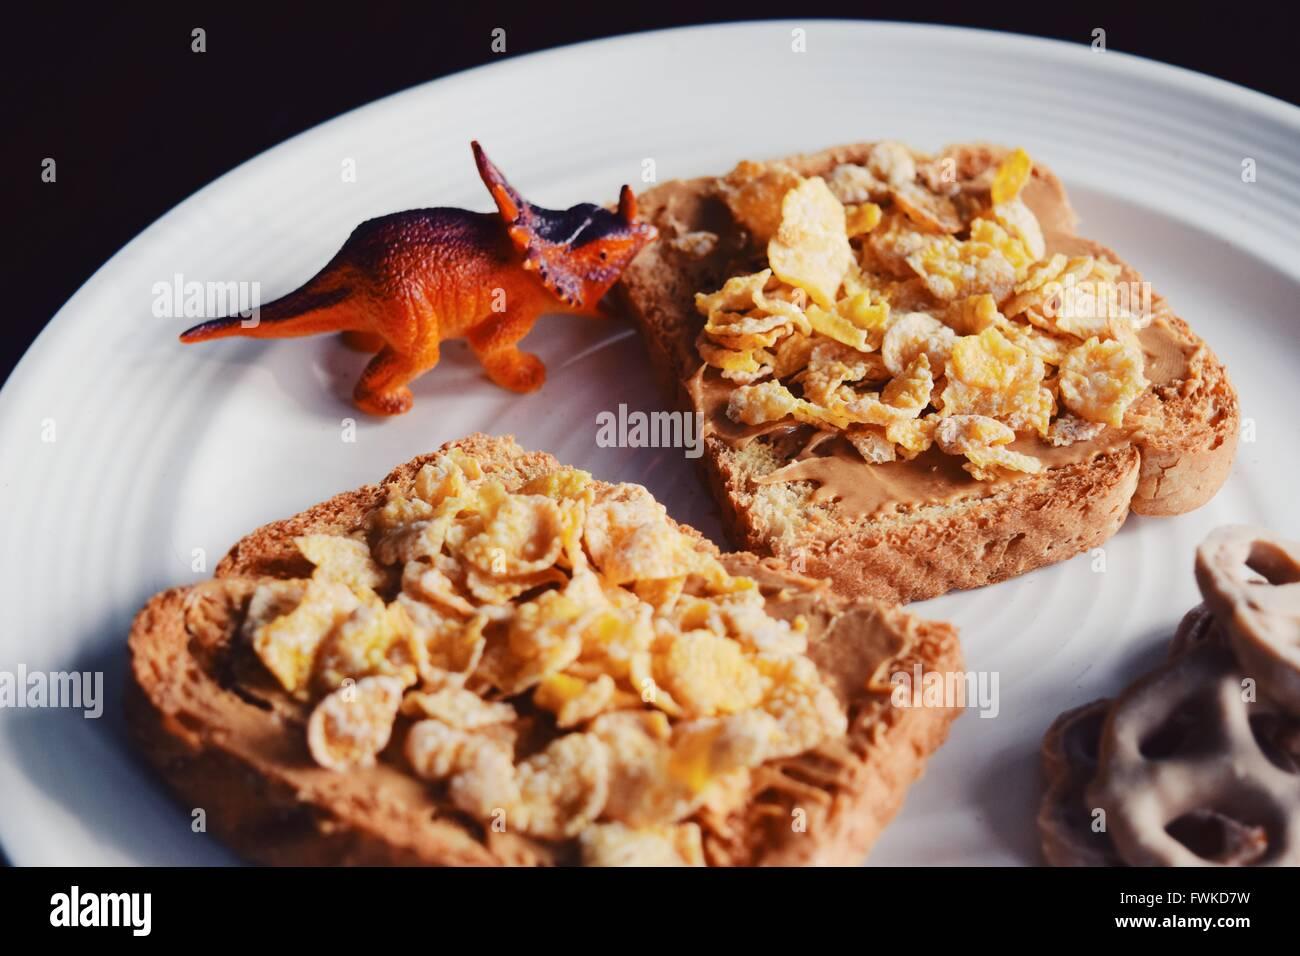 Dinosauro giocattolo con la colazione servita nella piastra Immagini Stock